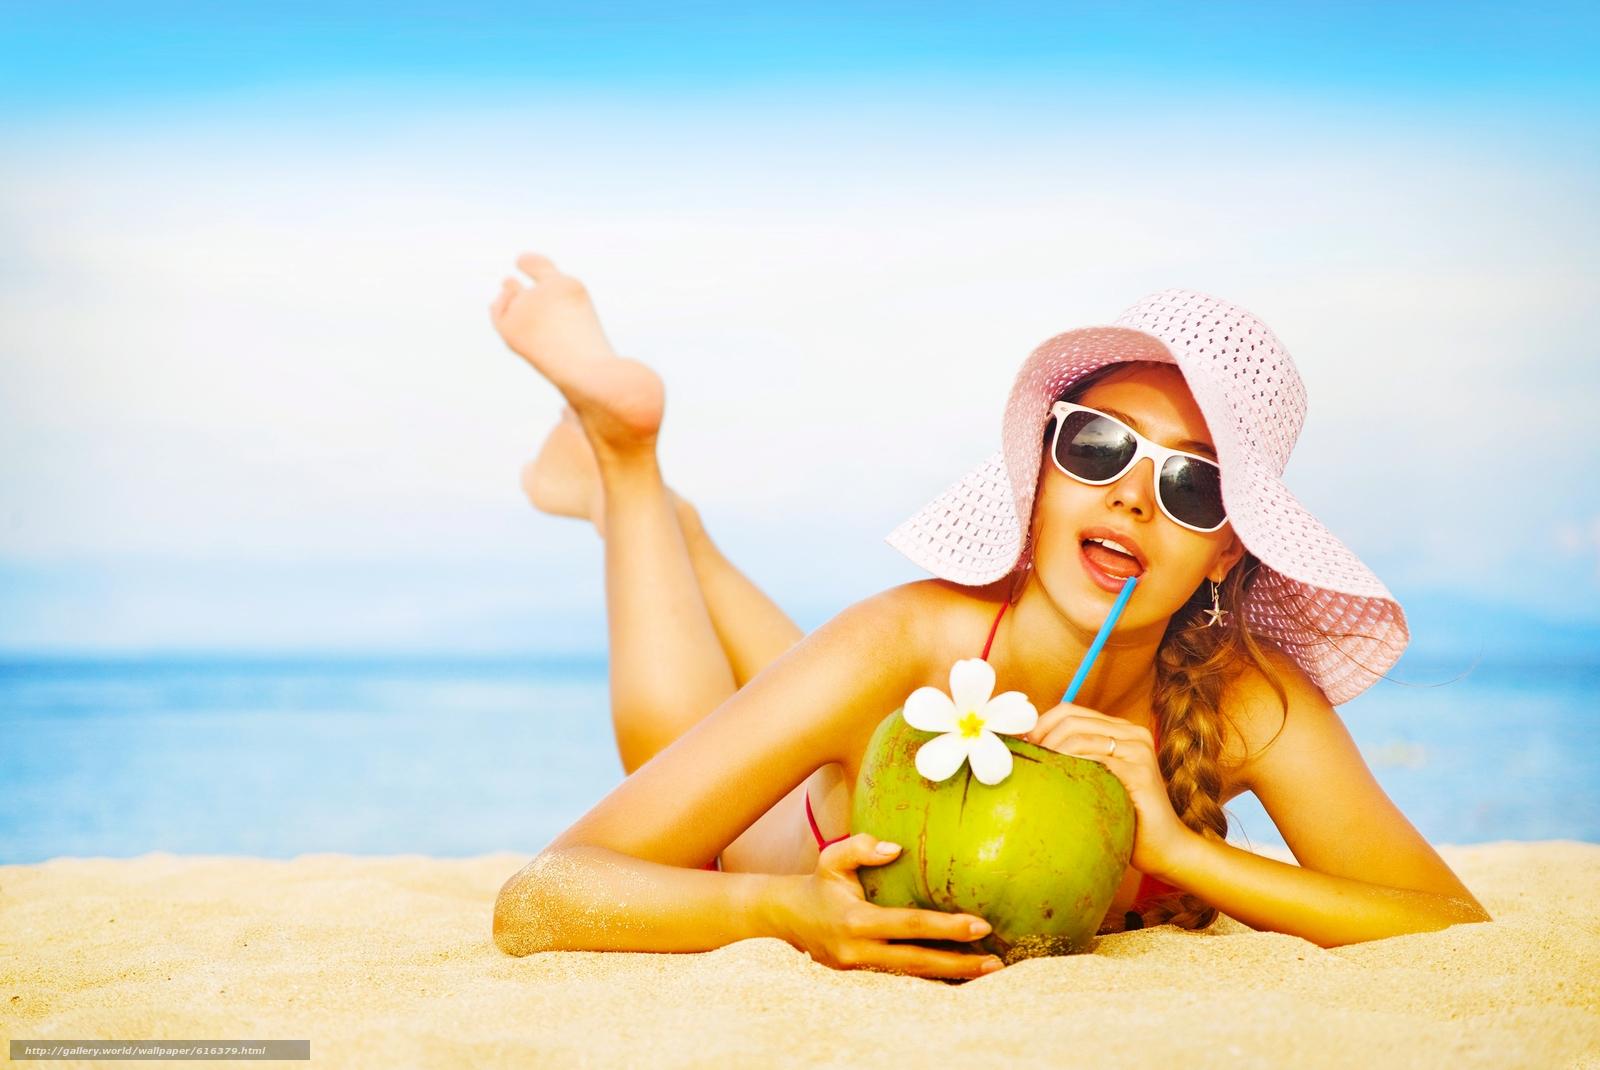 Цветы фото на пляже девушек